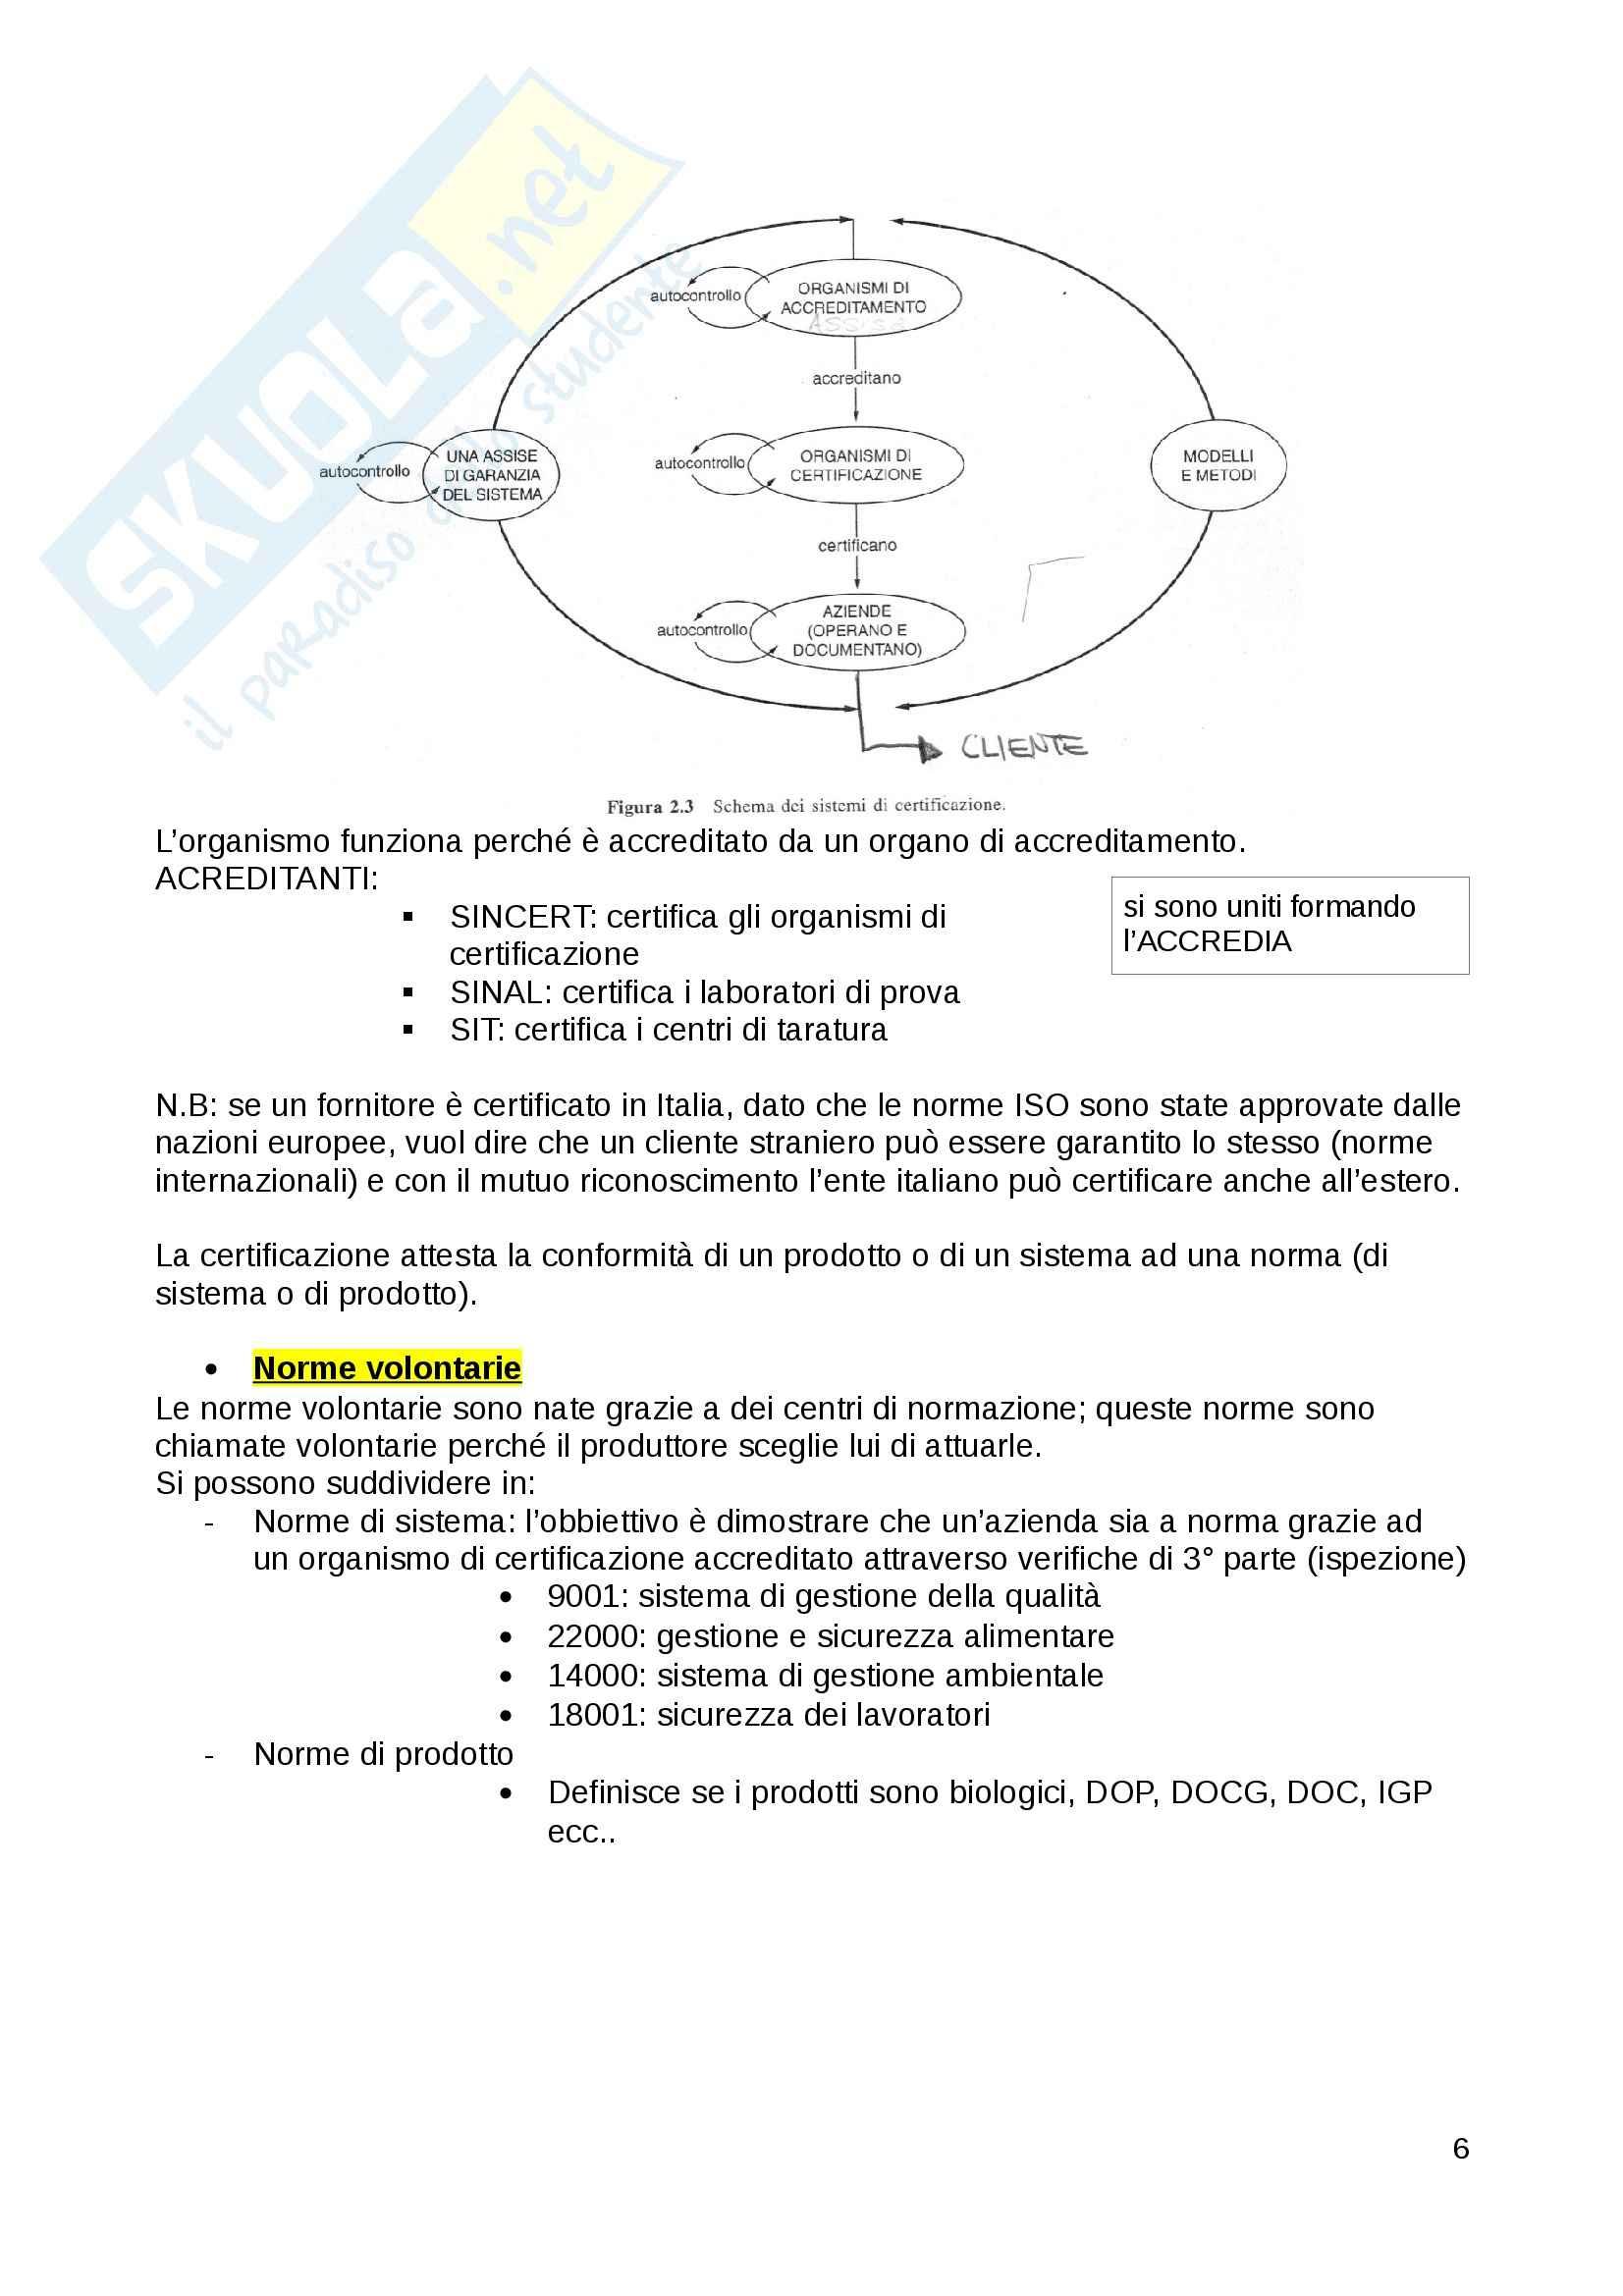 Qualità e sicurezza alimentare - sistemi di qualità Pag. 6